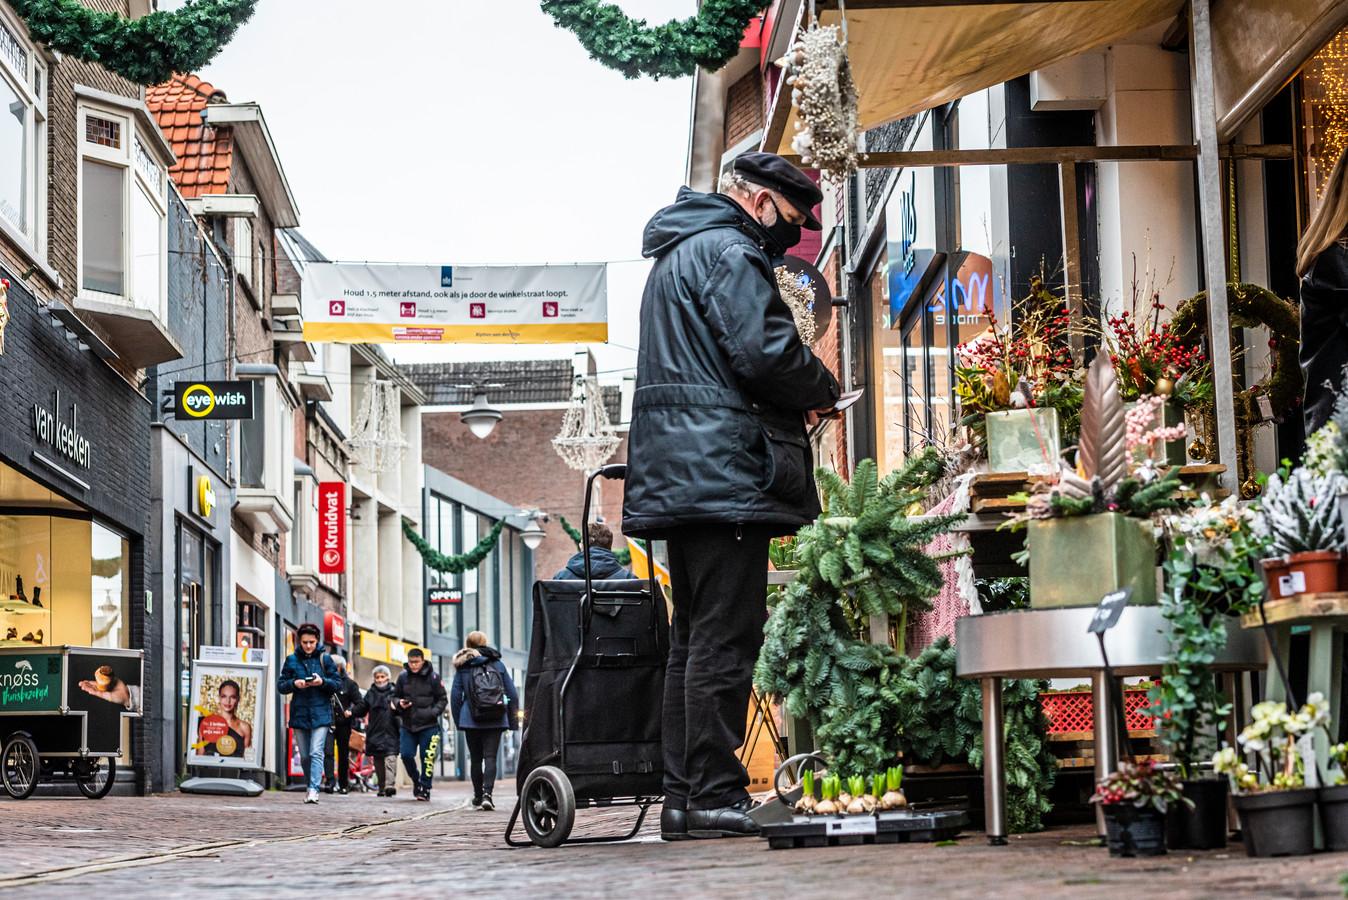 Het centrum van Alphen op de eerste dag van de tweede lockdown, half december. Ook toen kelderde het bezoek minder hard in Alphen (-69 procent) dan gemiddeld in Nederlandse binnensteden (-75 procent).